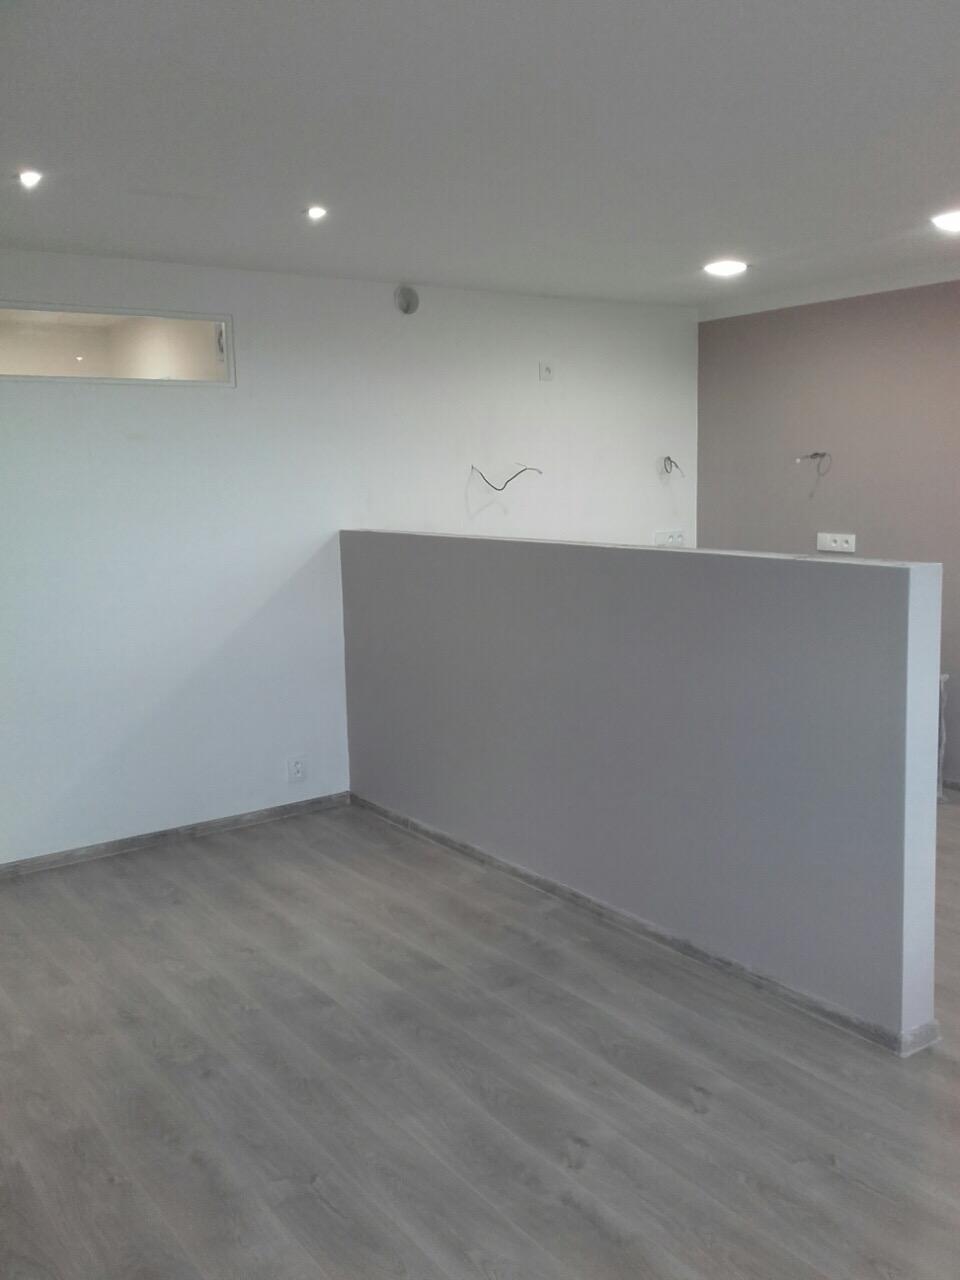 Rekonstrukce panelákového bytu Praha 13, Janského ul. 4